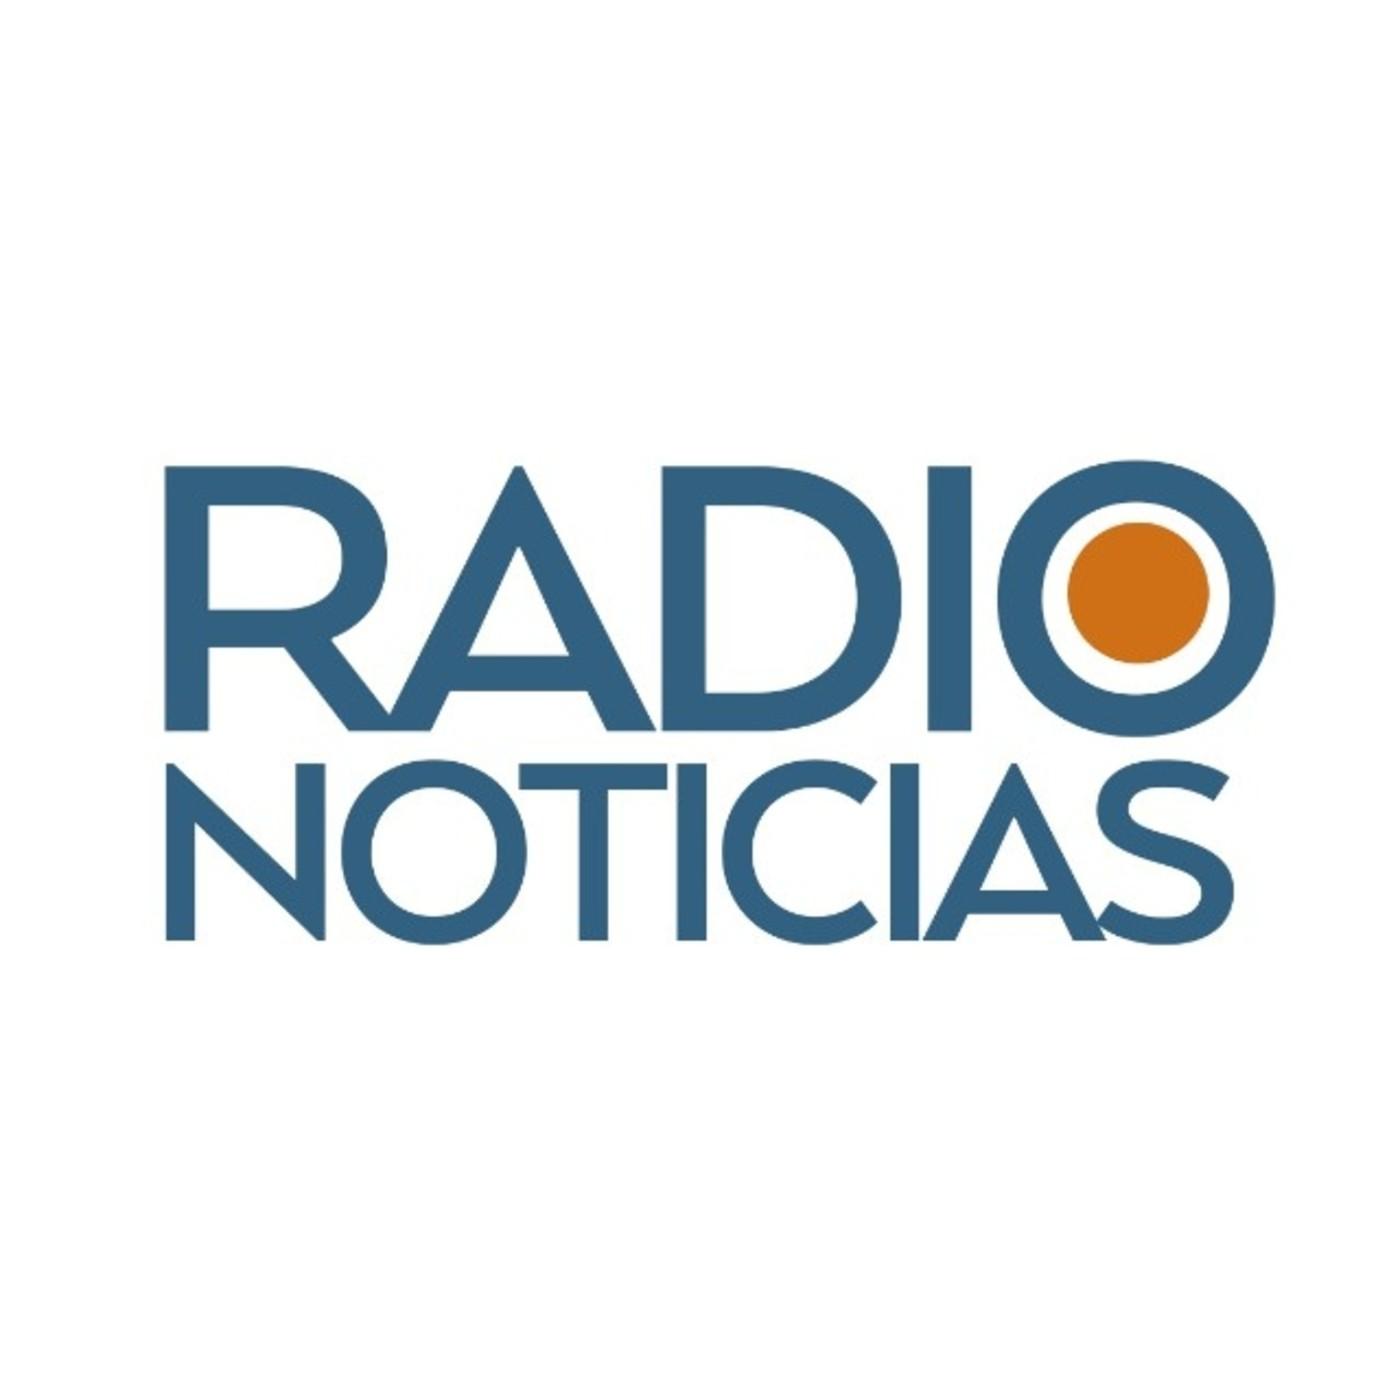 Radio Noticias WE: Programa 14 de Febrero 2019 en WE RADIO en mp3(14 ...